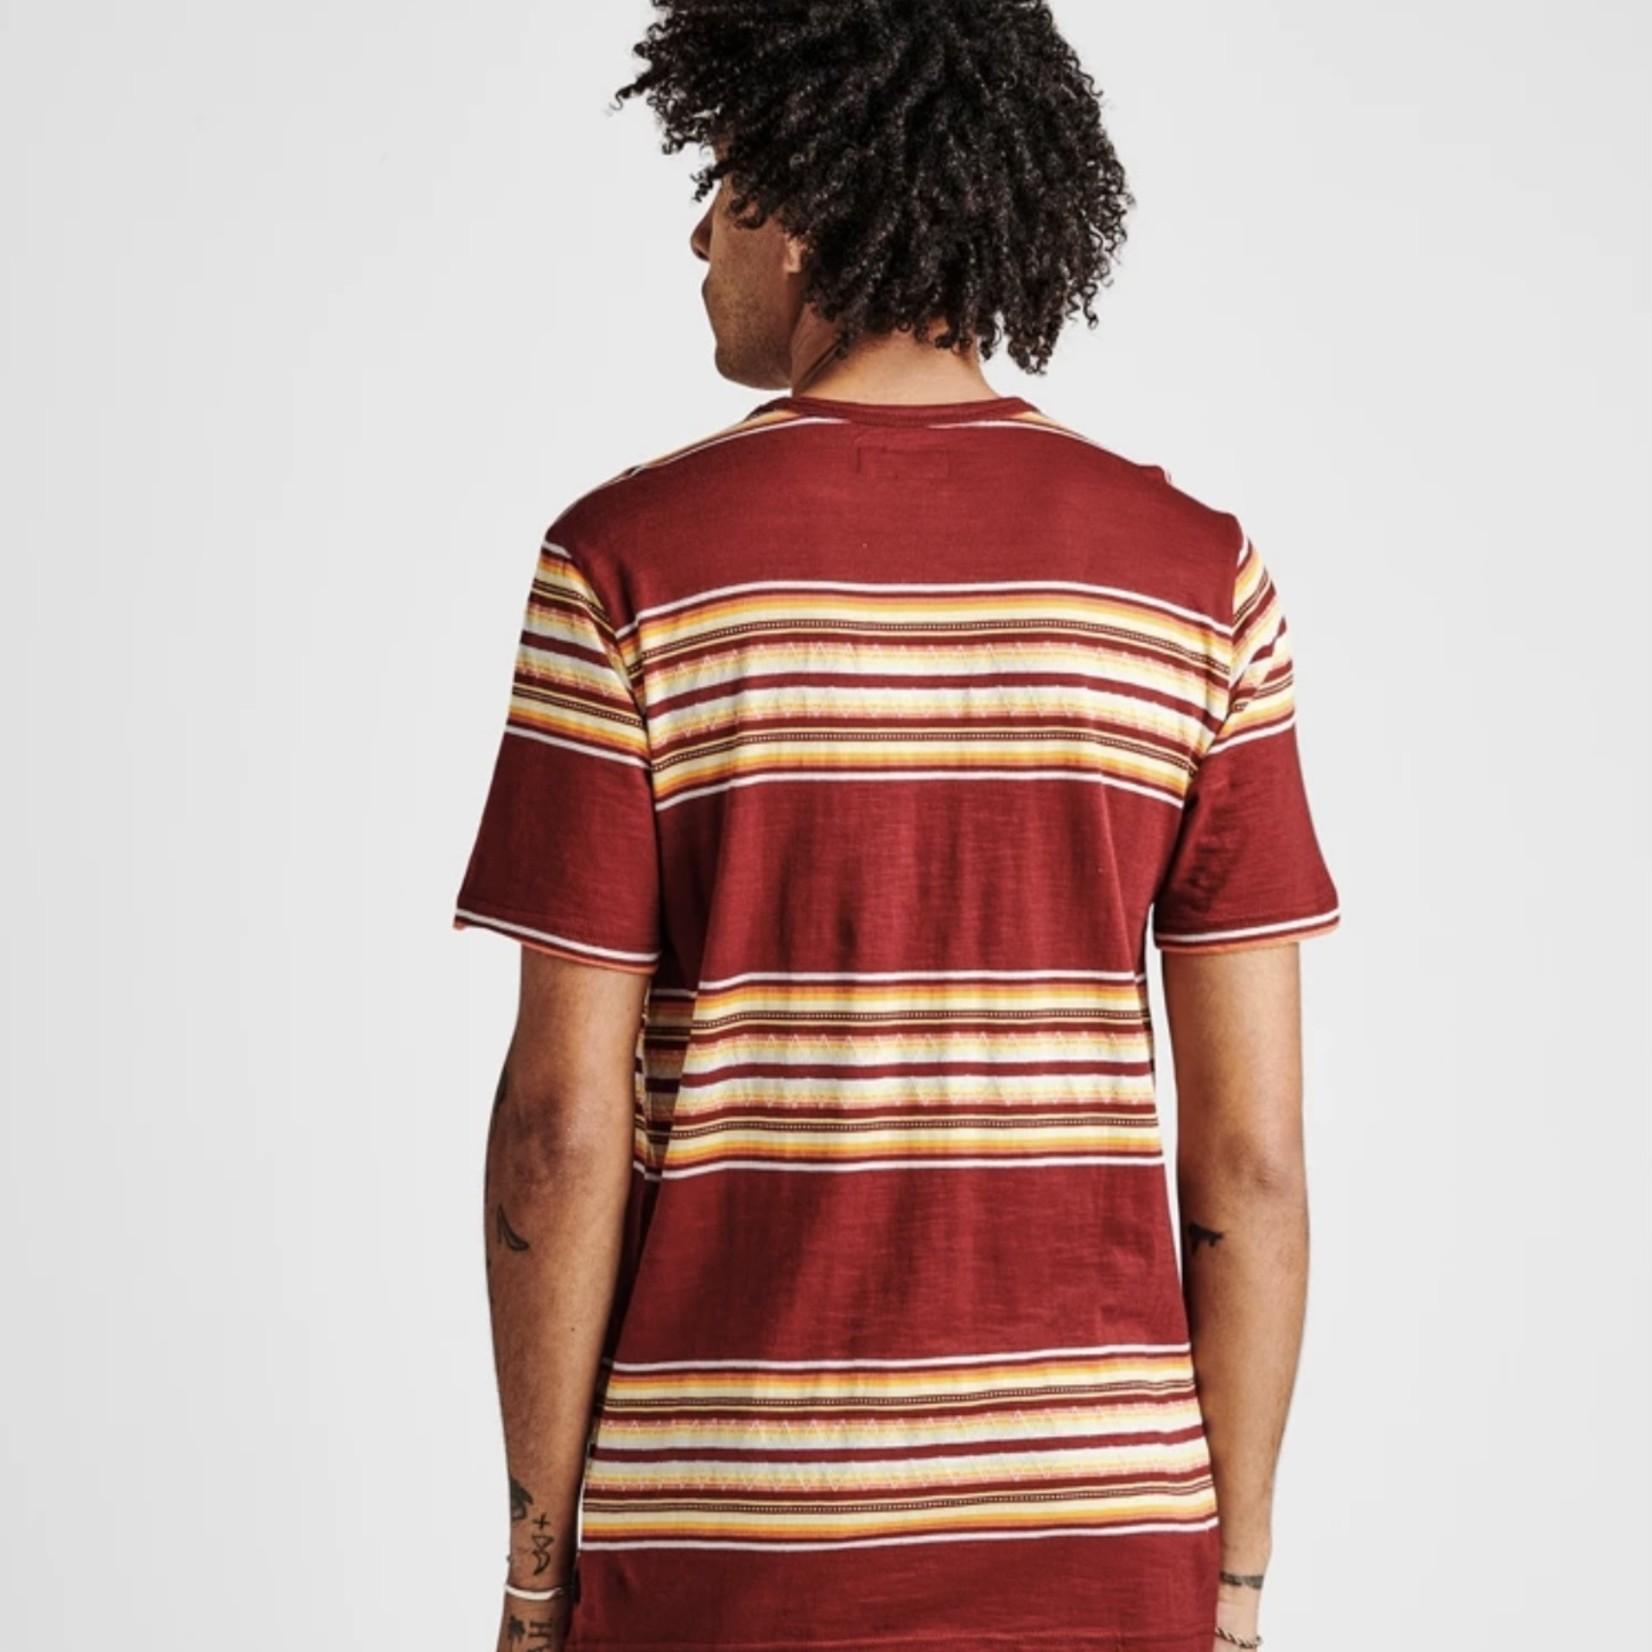 Roark Roark Anchors Stripe Knit